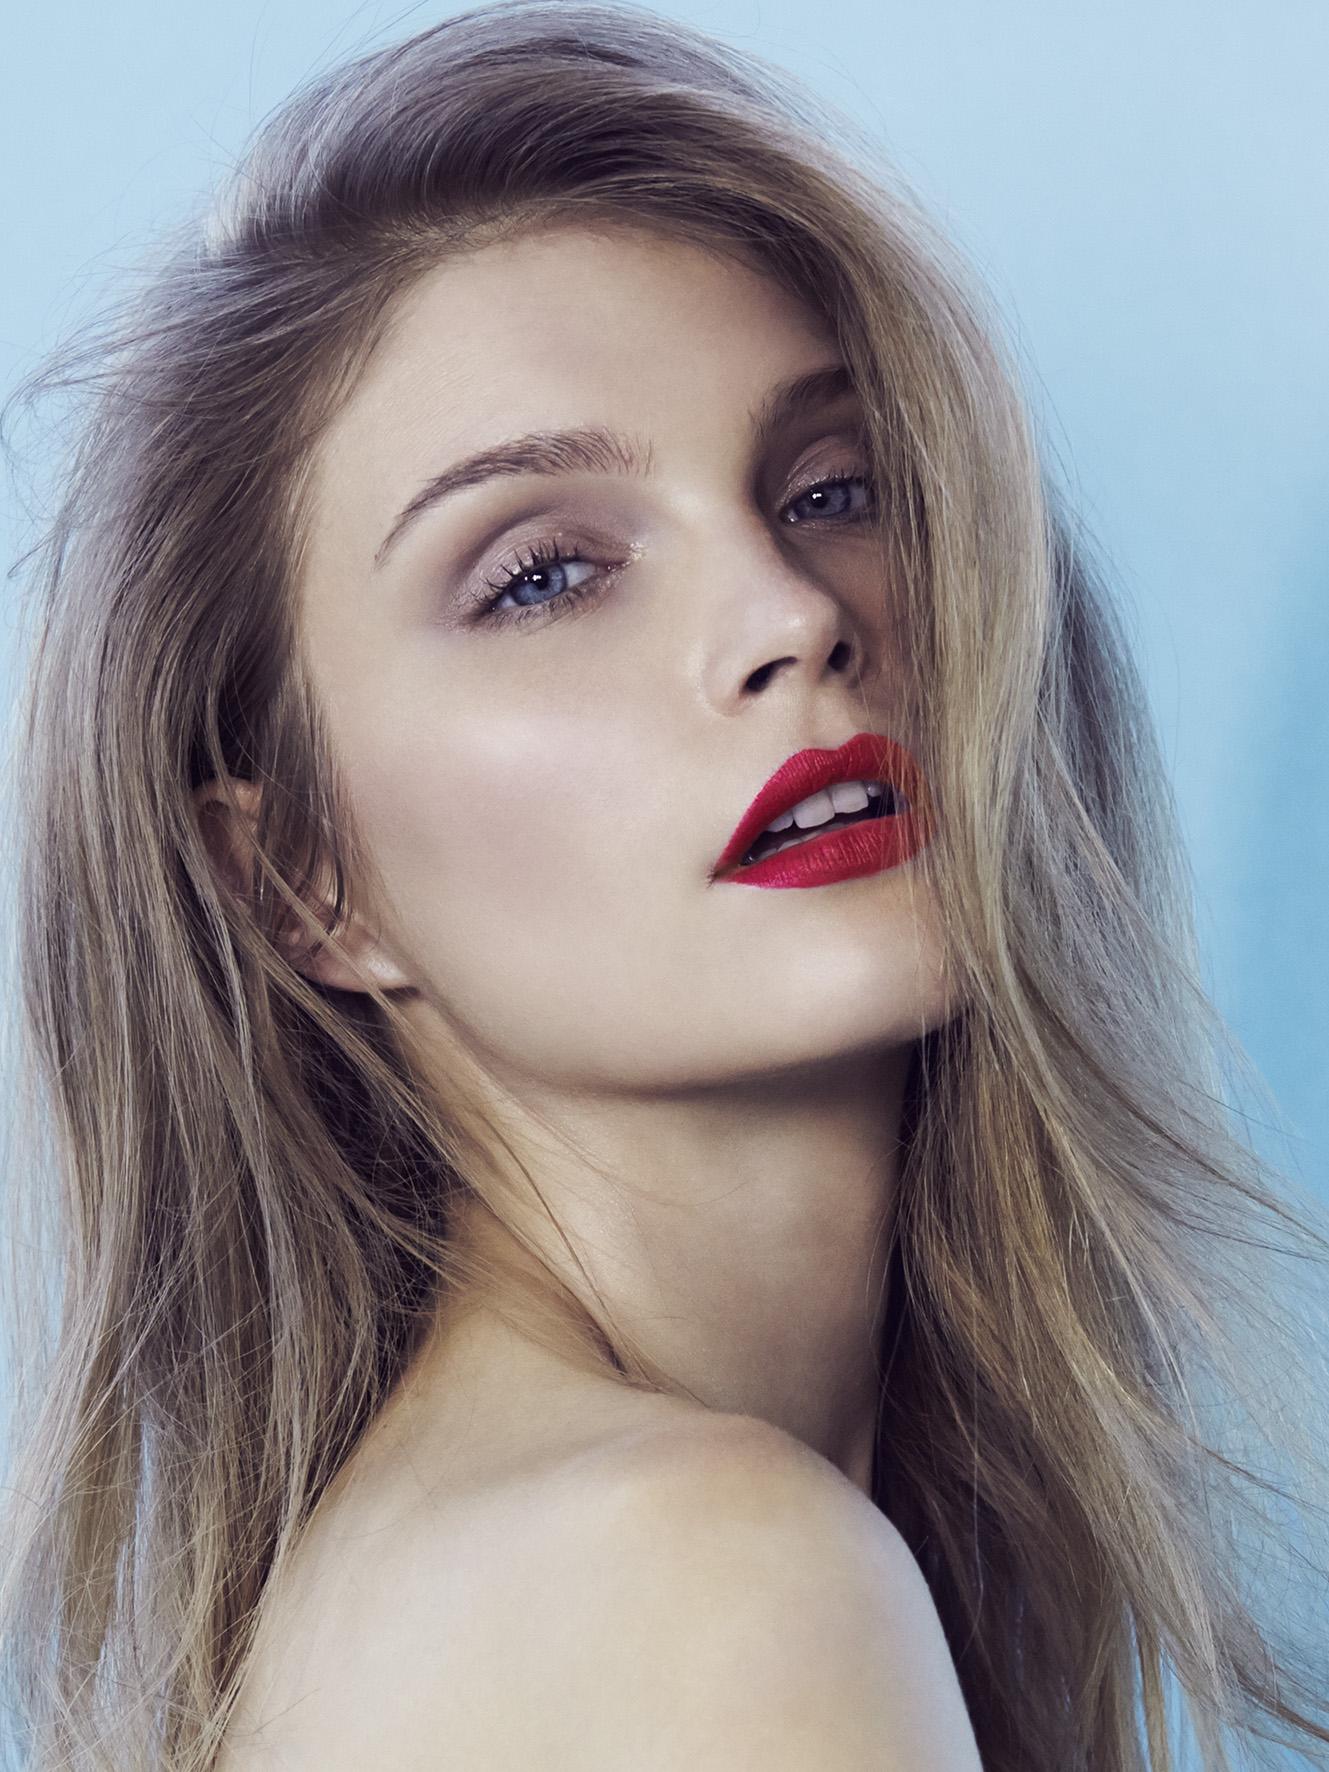 ICloud Monika Rohanova nudes (18 foto and video), Ass, Bikini, Instagram, see through 2020